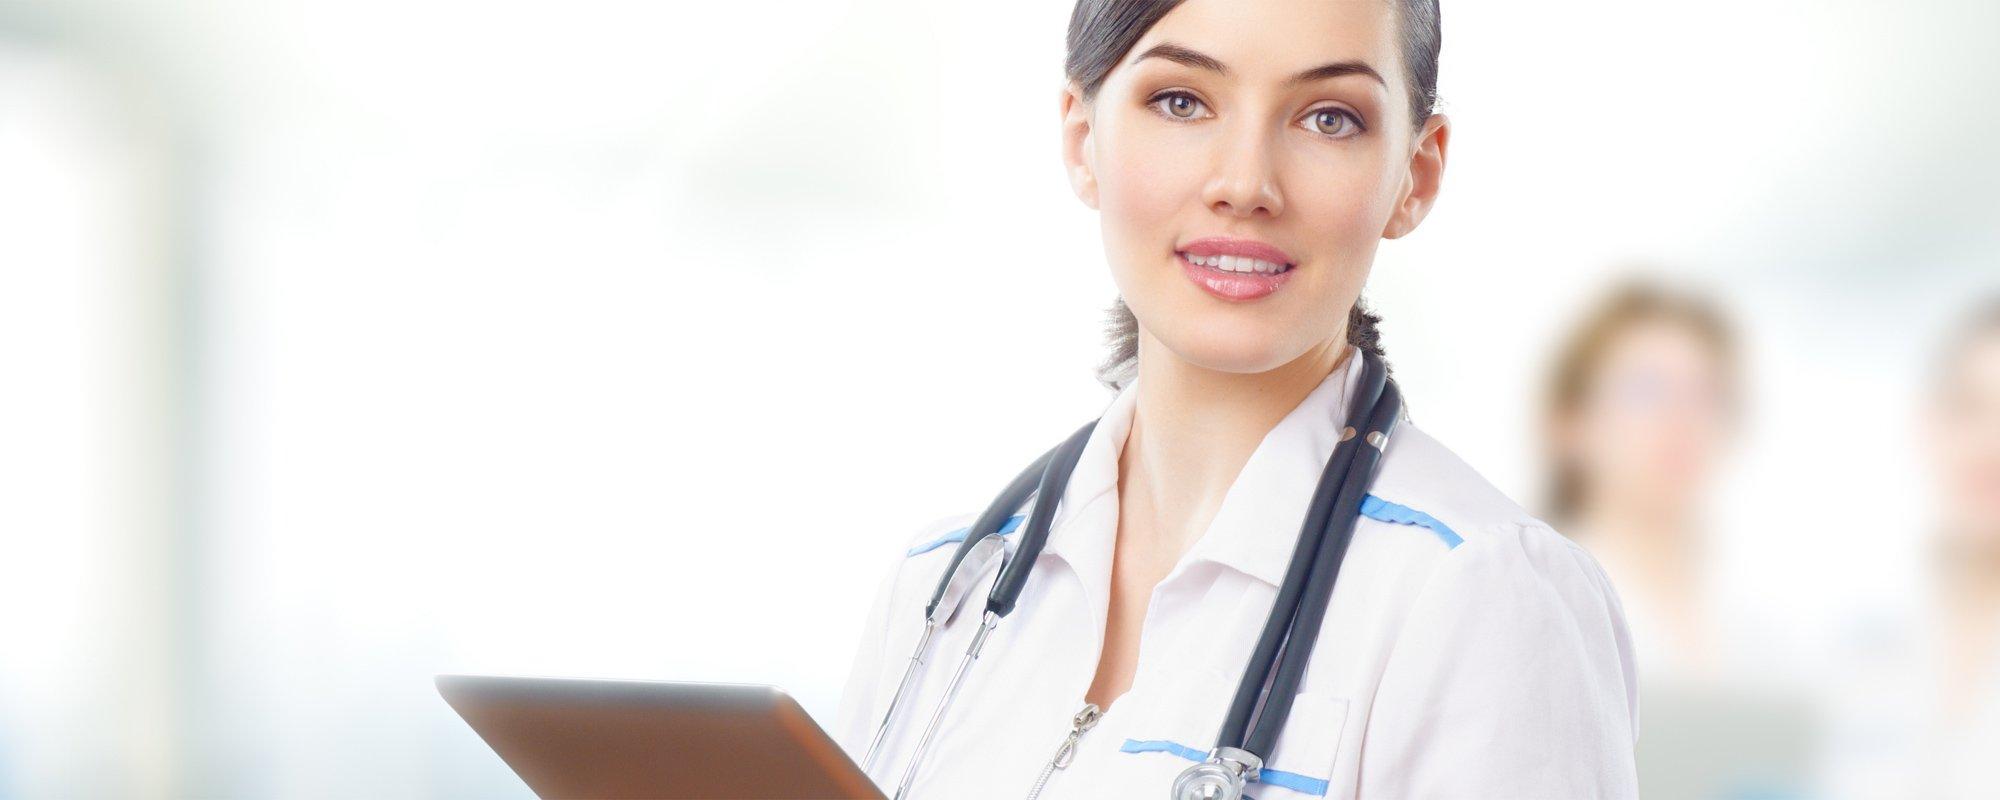 Clinic Nurse